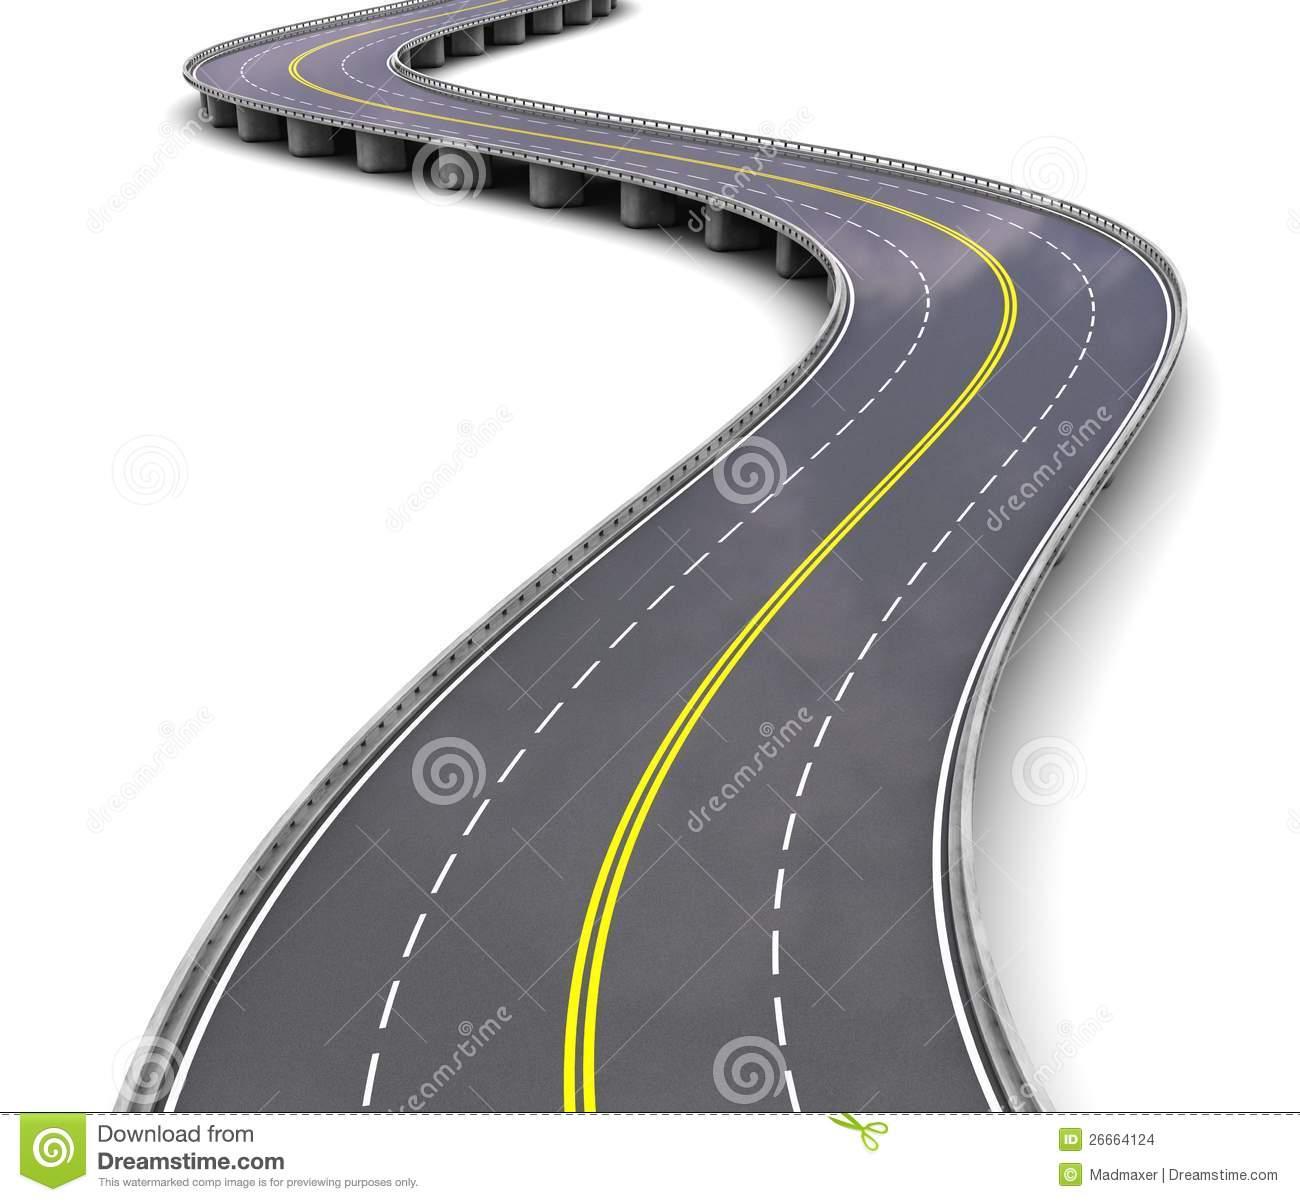 Autostrada Vuota Illustrazioni, Vettoriali E Clipart Stock.